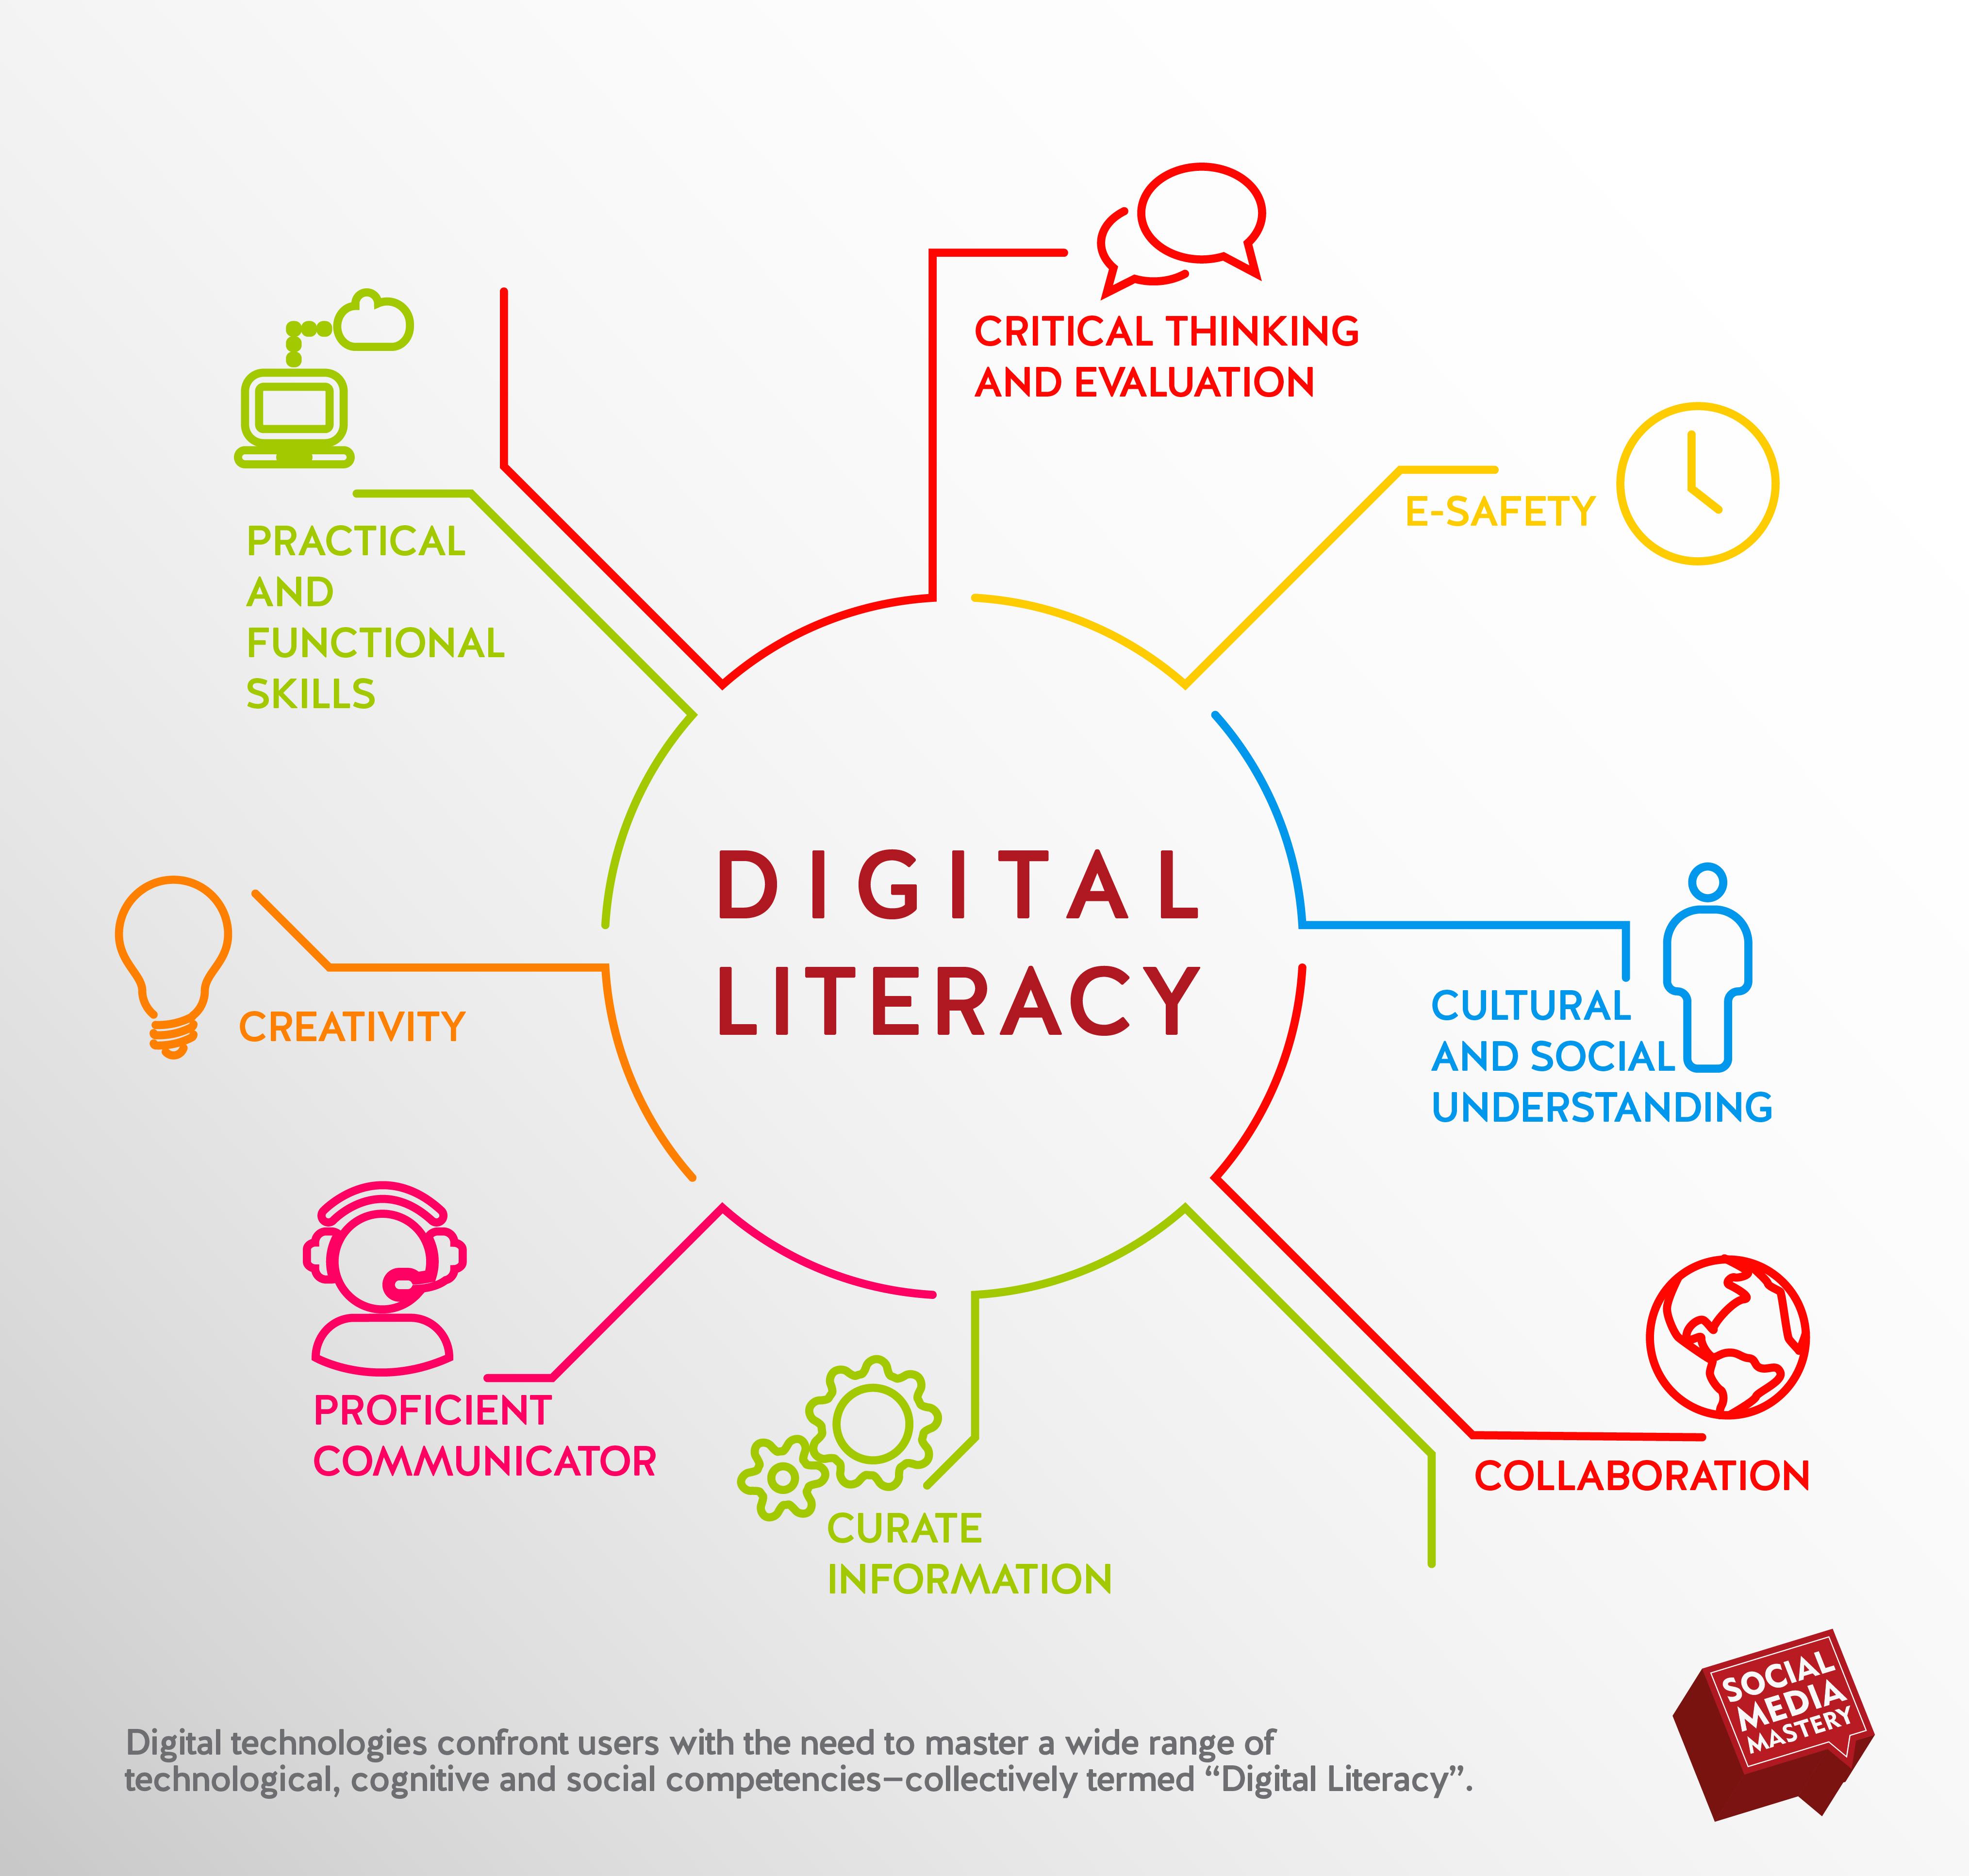 digital literacy: reading between the lines   cyberwatch